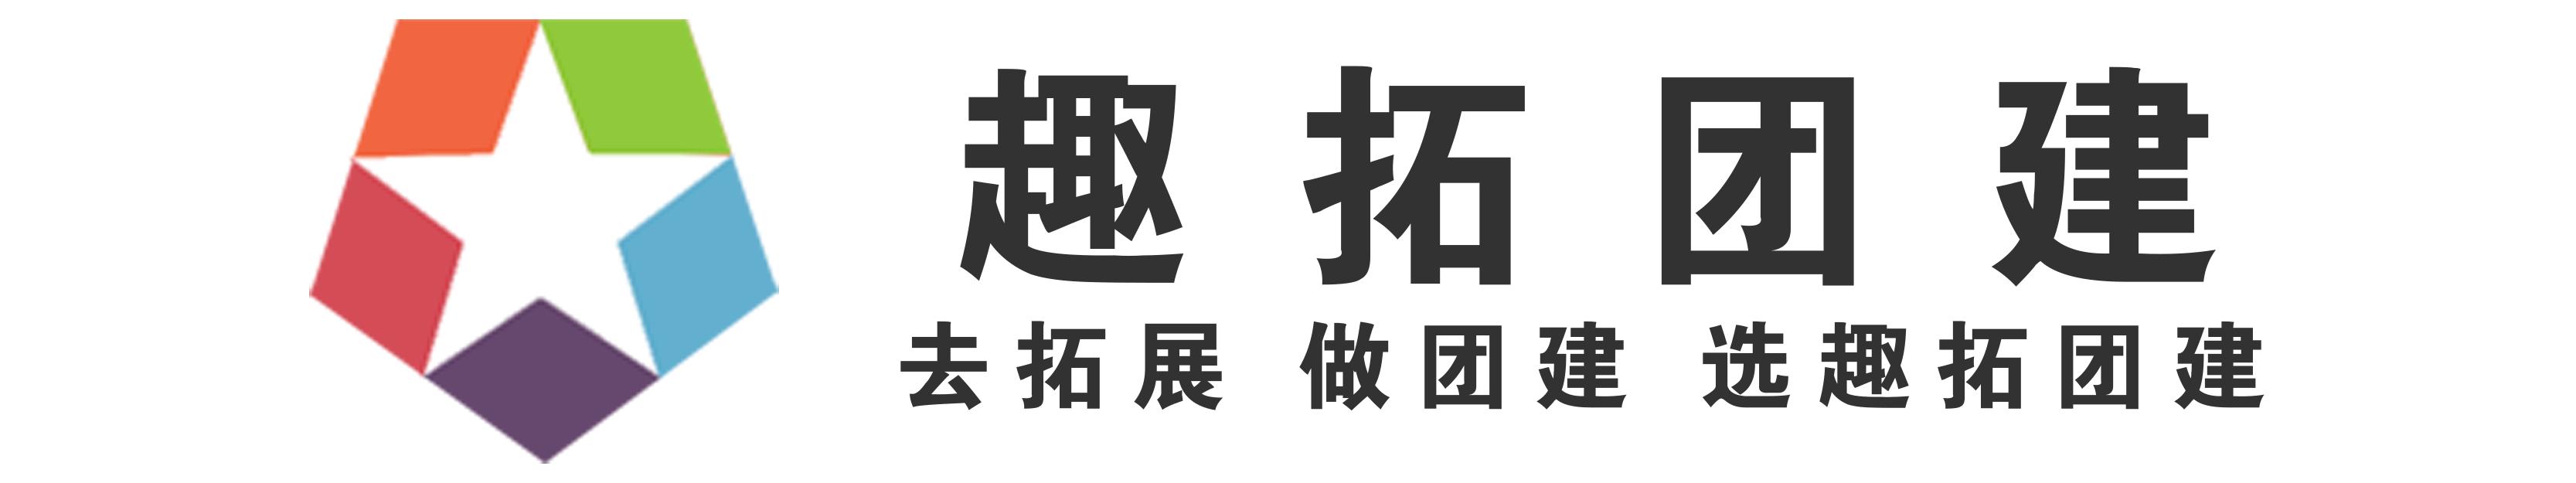 广州拓展公司  400-086-8676